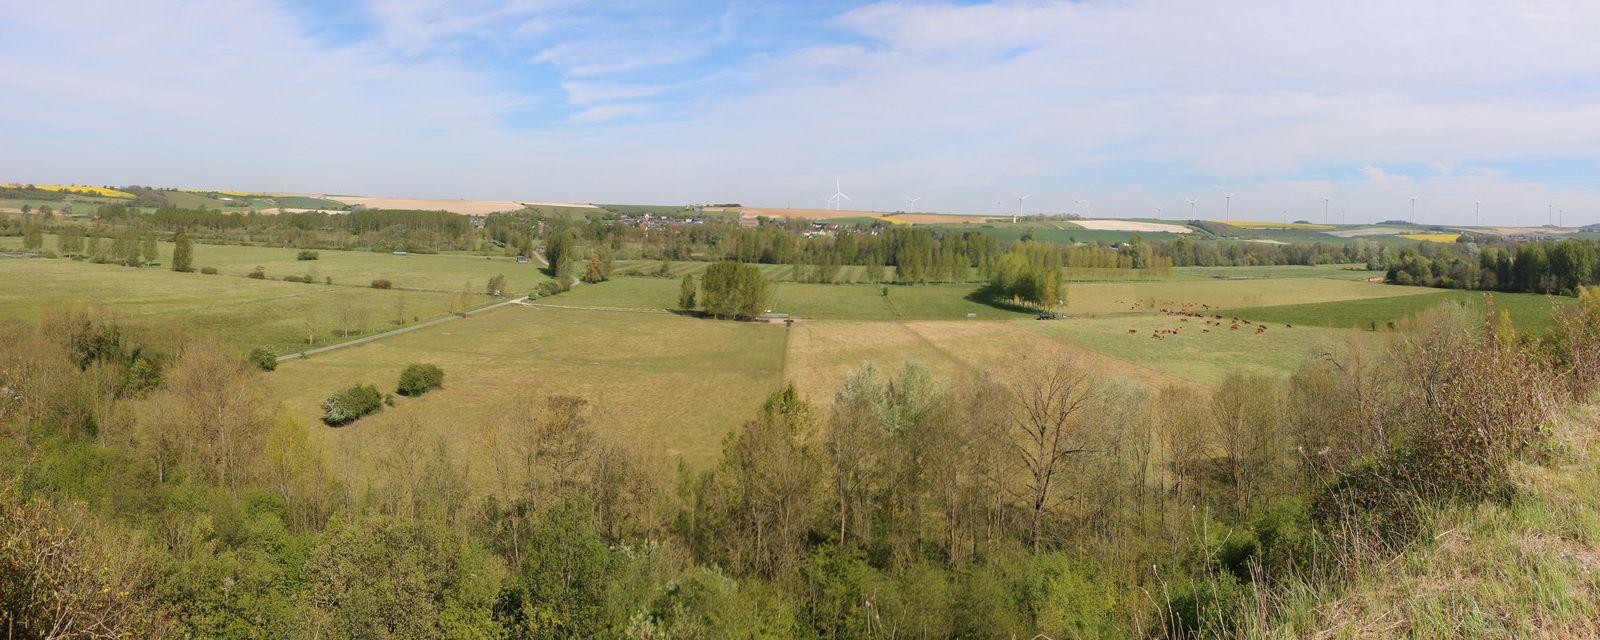 La vallée : montage panoramique de 4 photos. (un clic sur l'image pour l'agrandir)